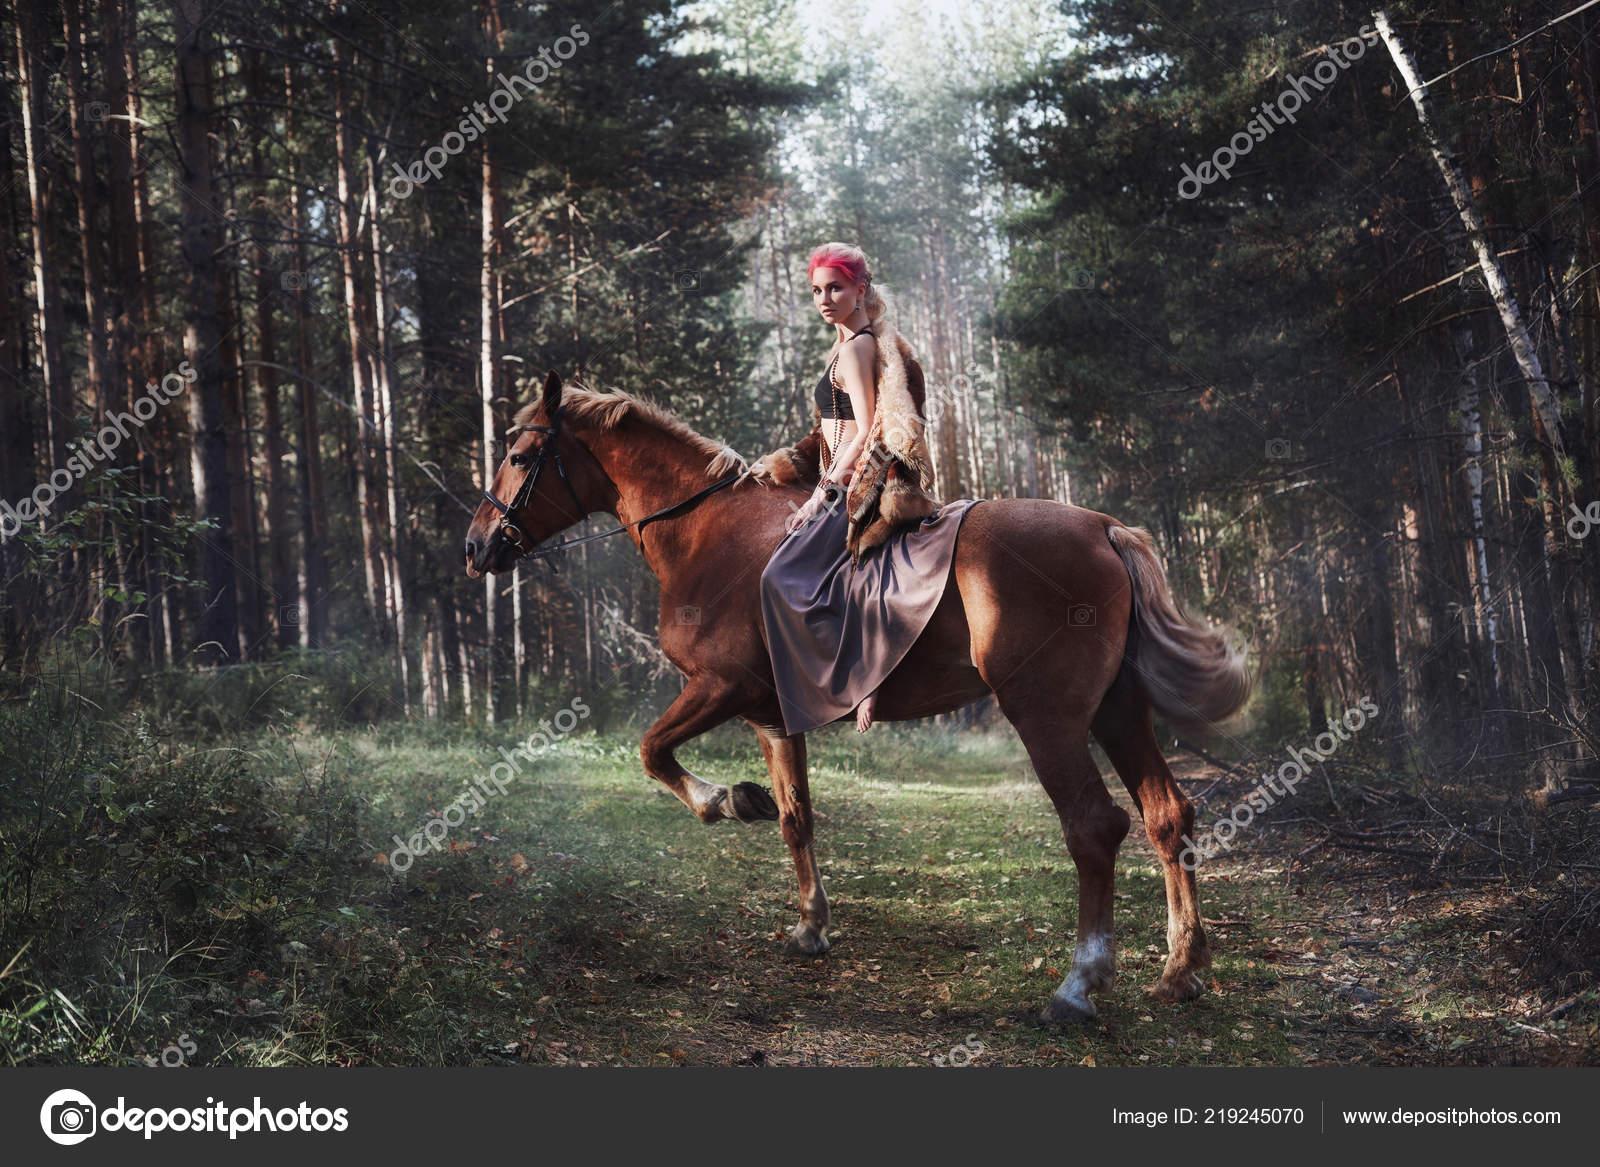 Žena Koni Podzim Creative Světlé Růžové Make Obličej Dívky Barvení — Stock  fotografie ab684c9917